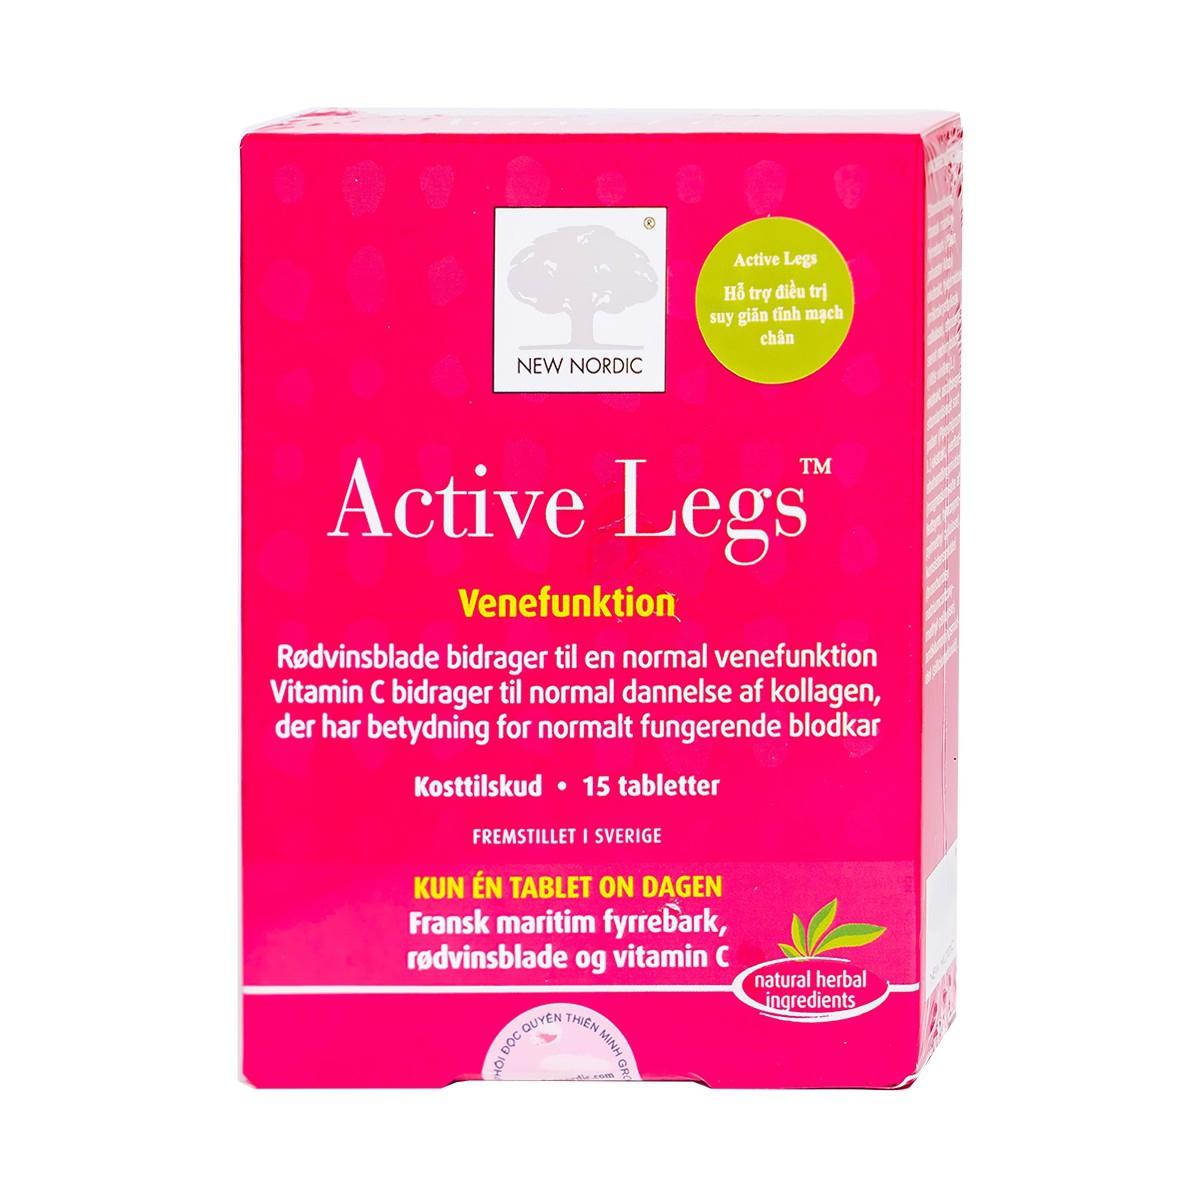 Viên uống hỗ trợ suy giãn tĩnh mạch New Nordic Active Legs, Hộp 15 viên